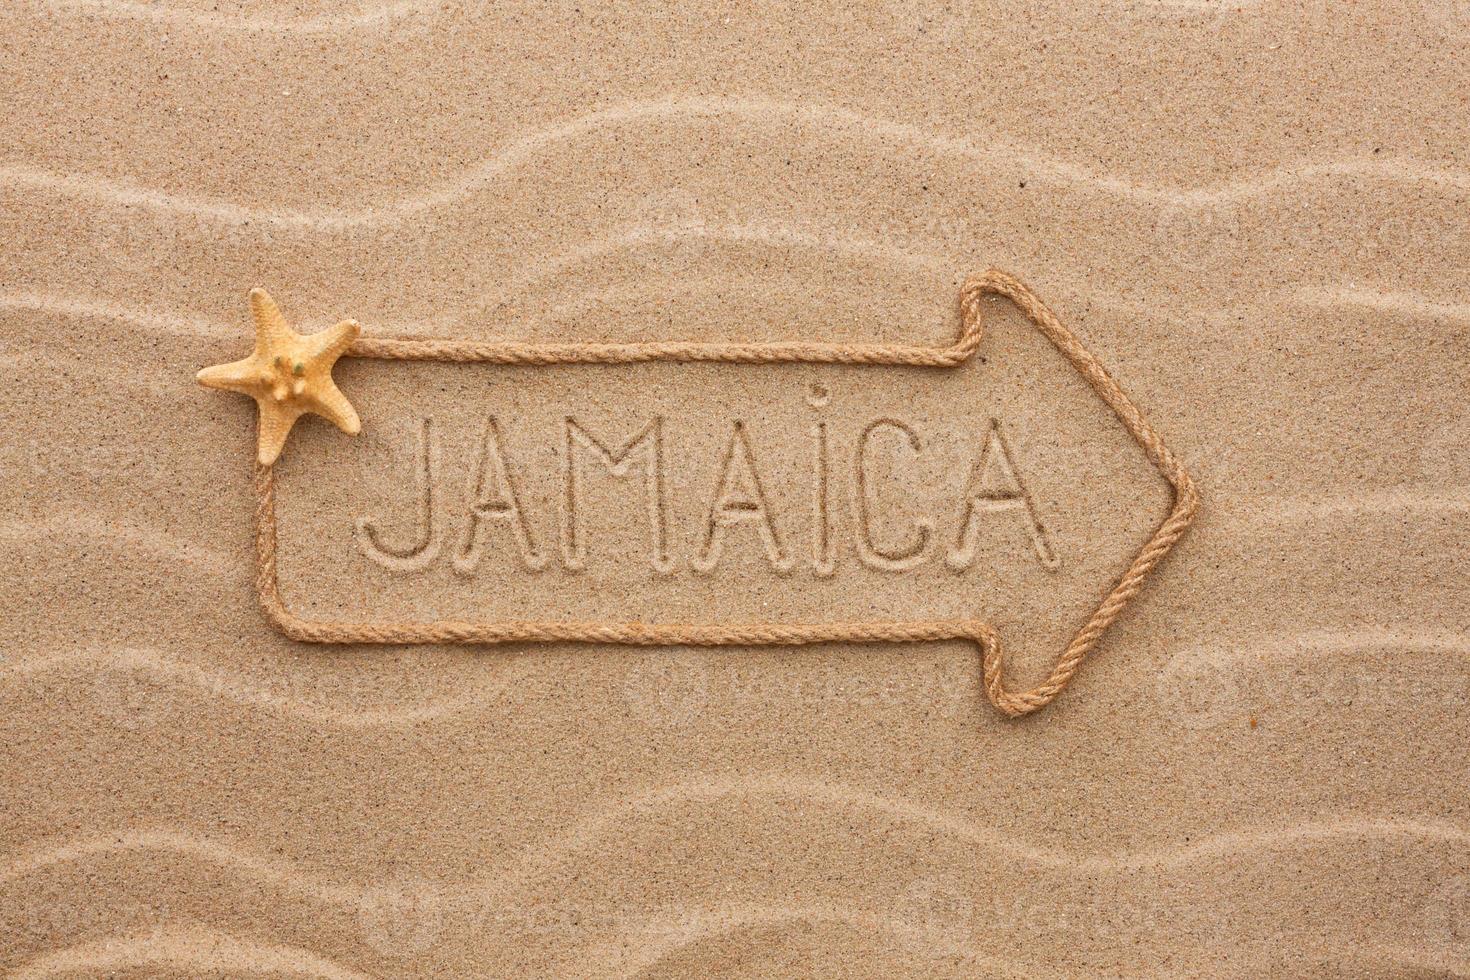 pijl touw met het woord jamaica foto